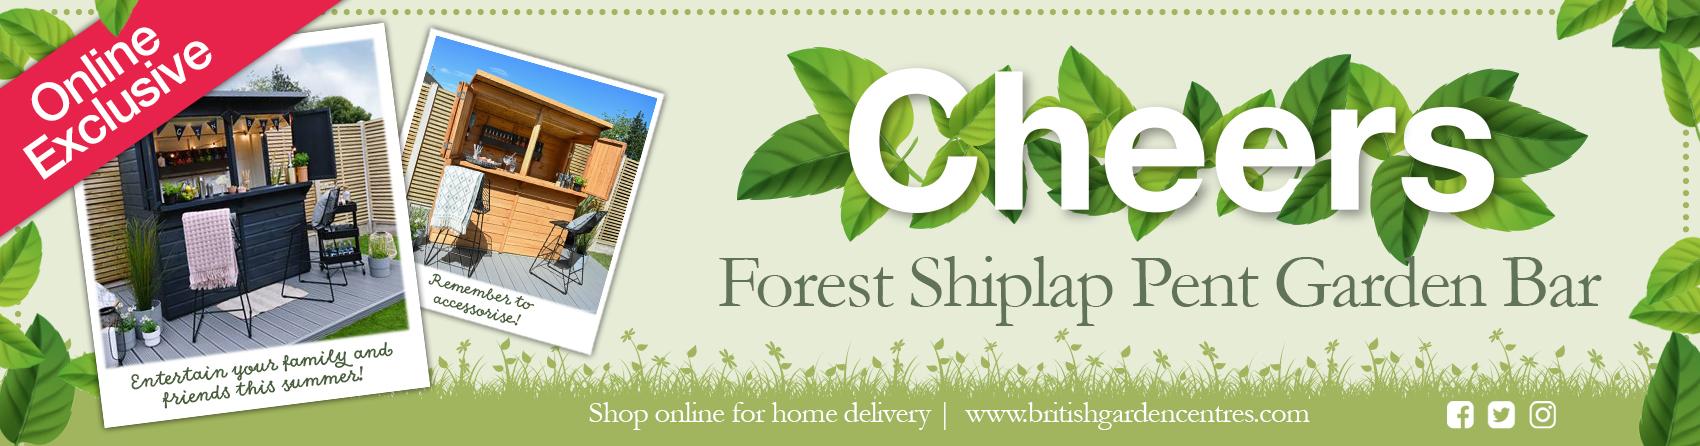 outdoor furniture, home furniture, british garden centres